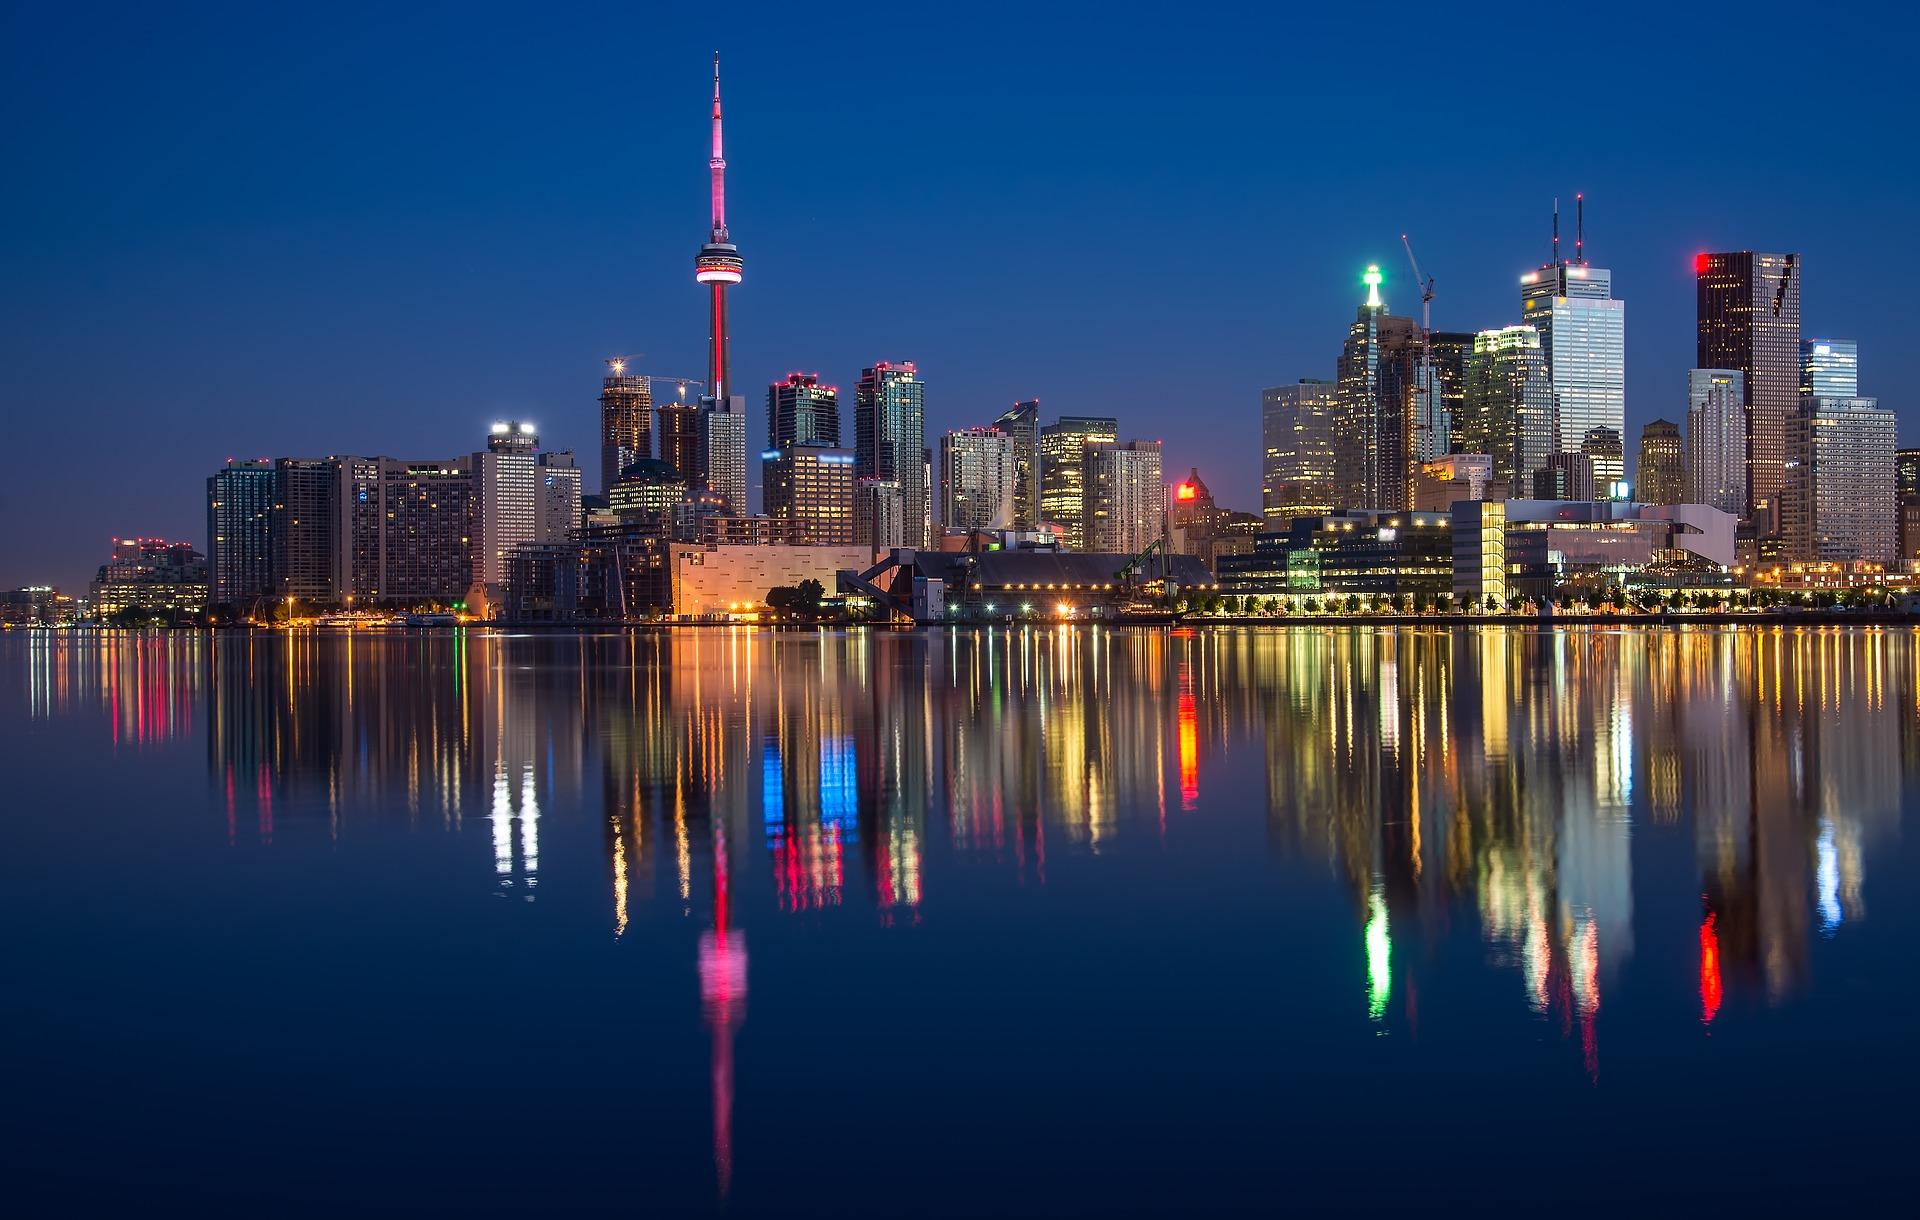 Toronto, Ontario, Canada -